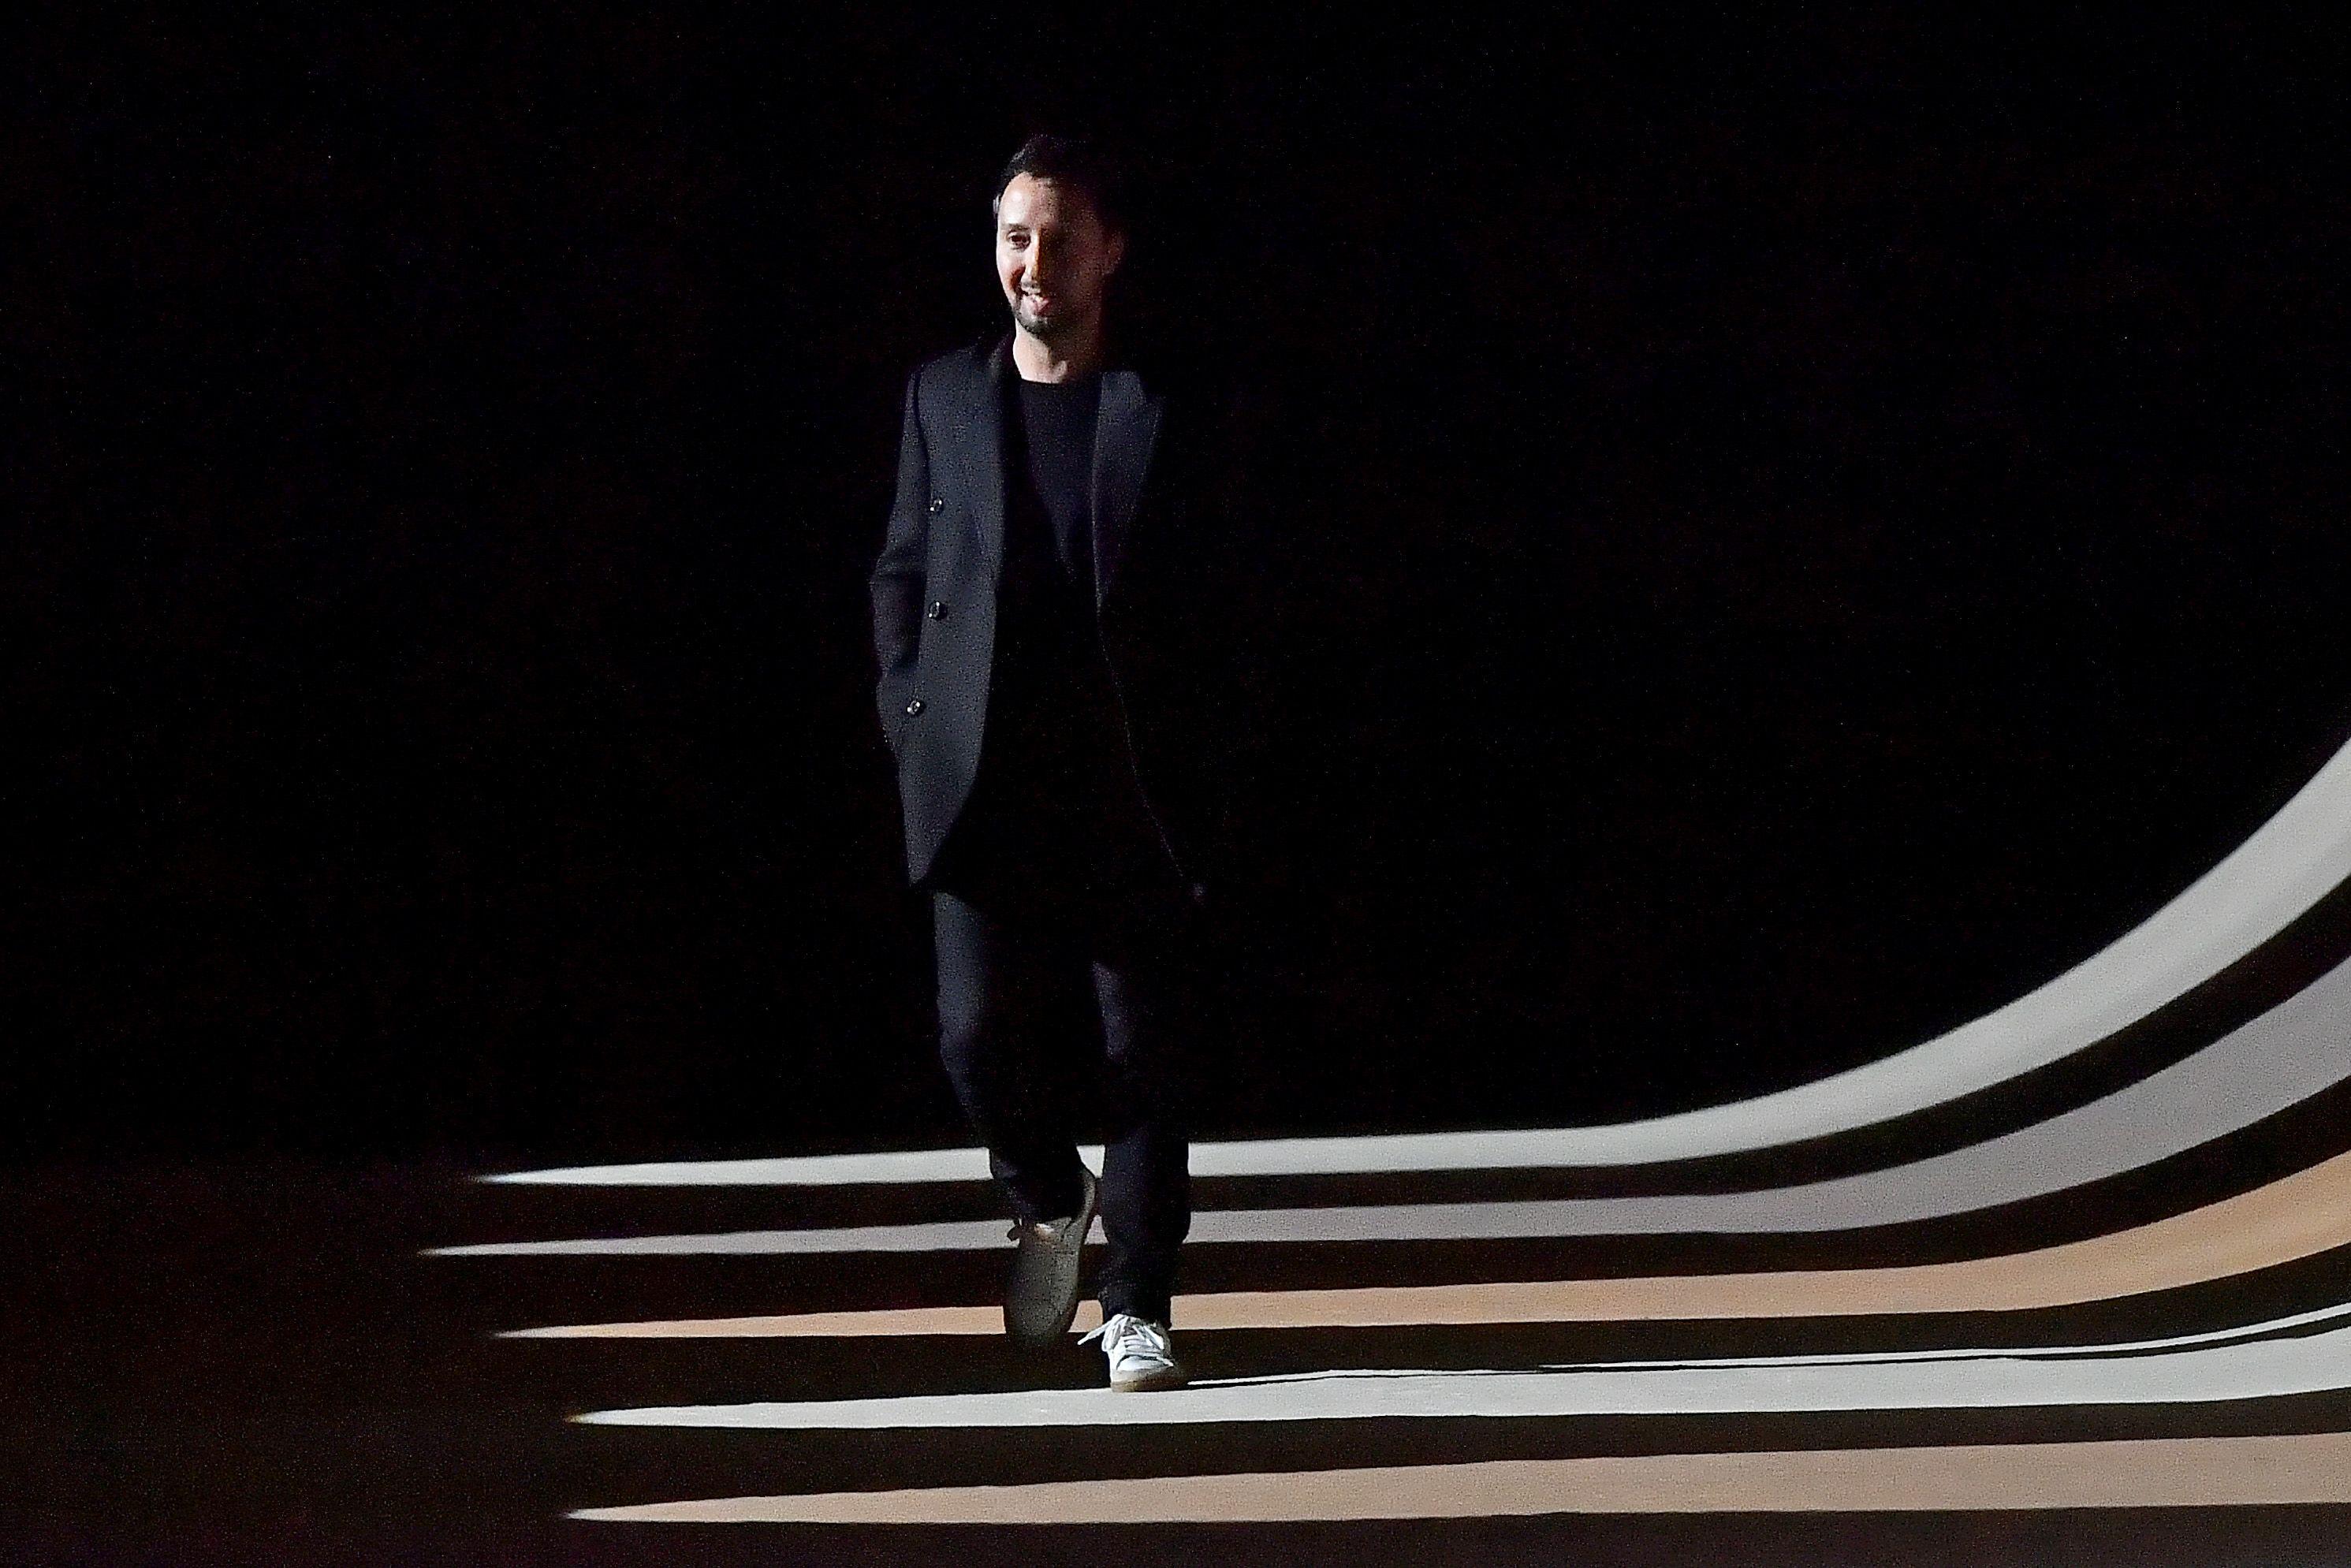 Saint Laurent, fiel a su elegancia, eleva la imaginación en su colección de verano 2021